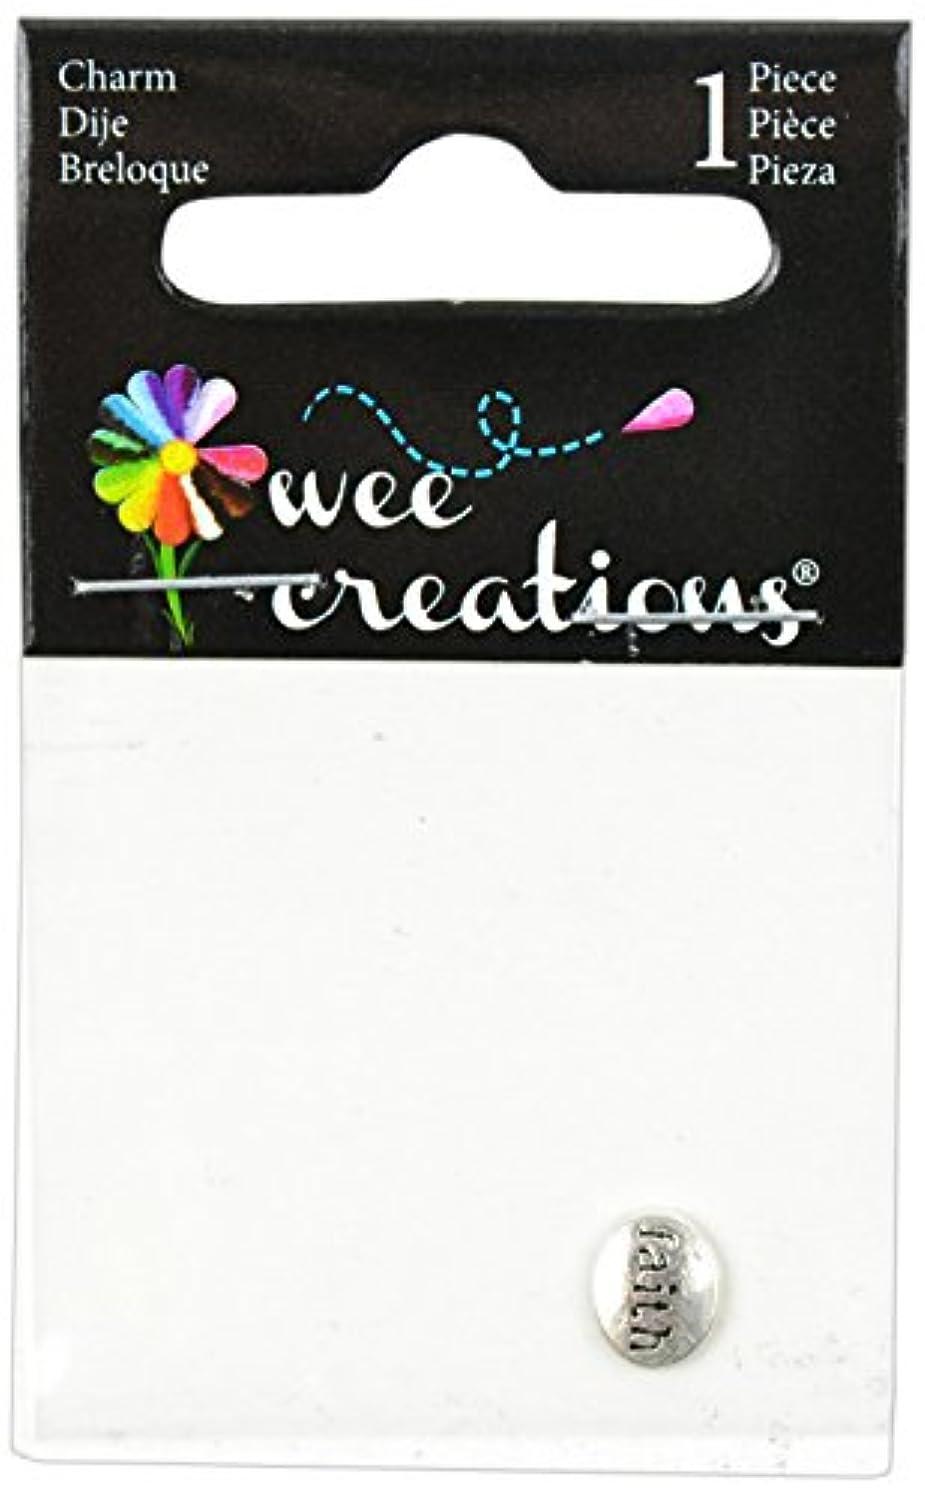 Wee Creations 1-Piece Faith Charm, Silver